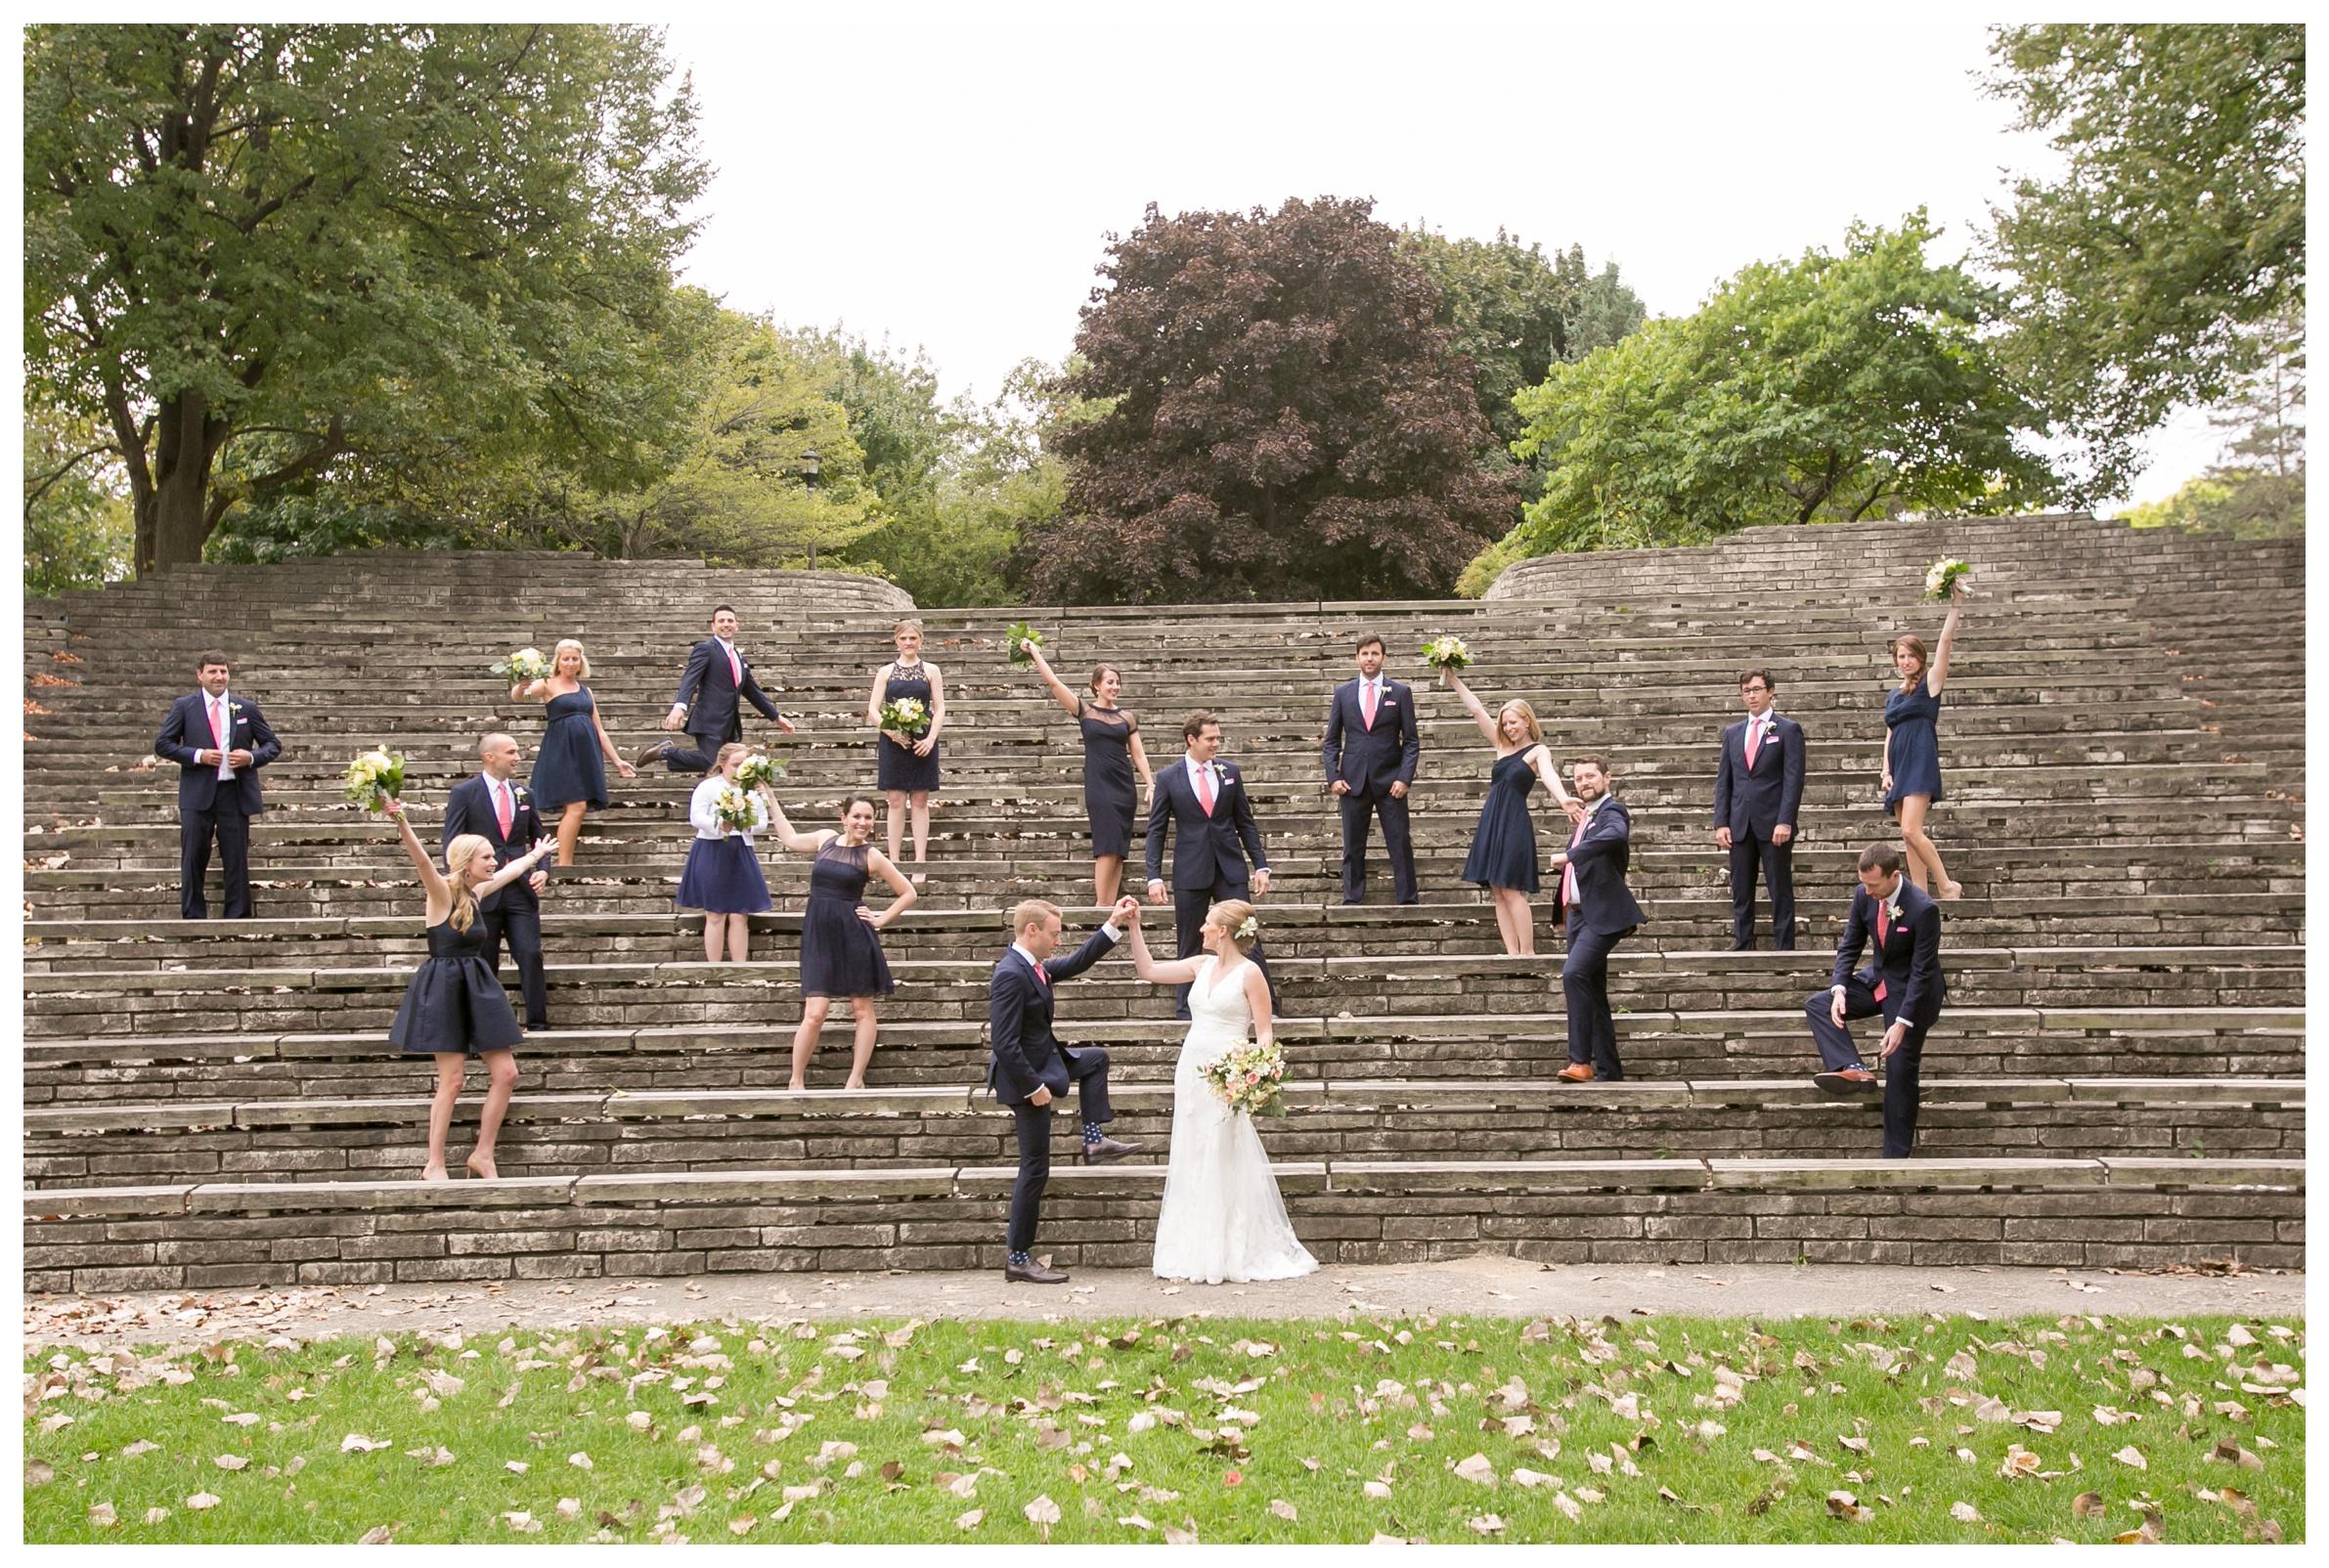 gillson-park-wilmette-weddings